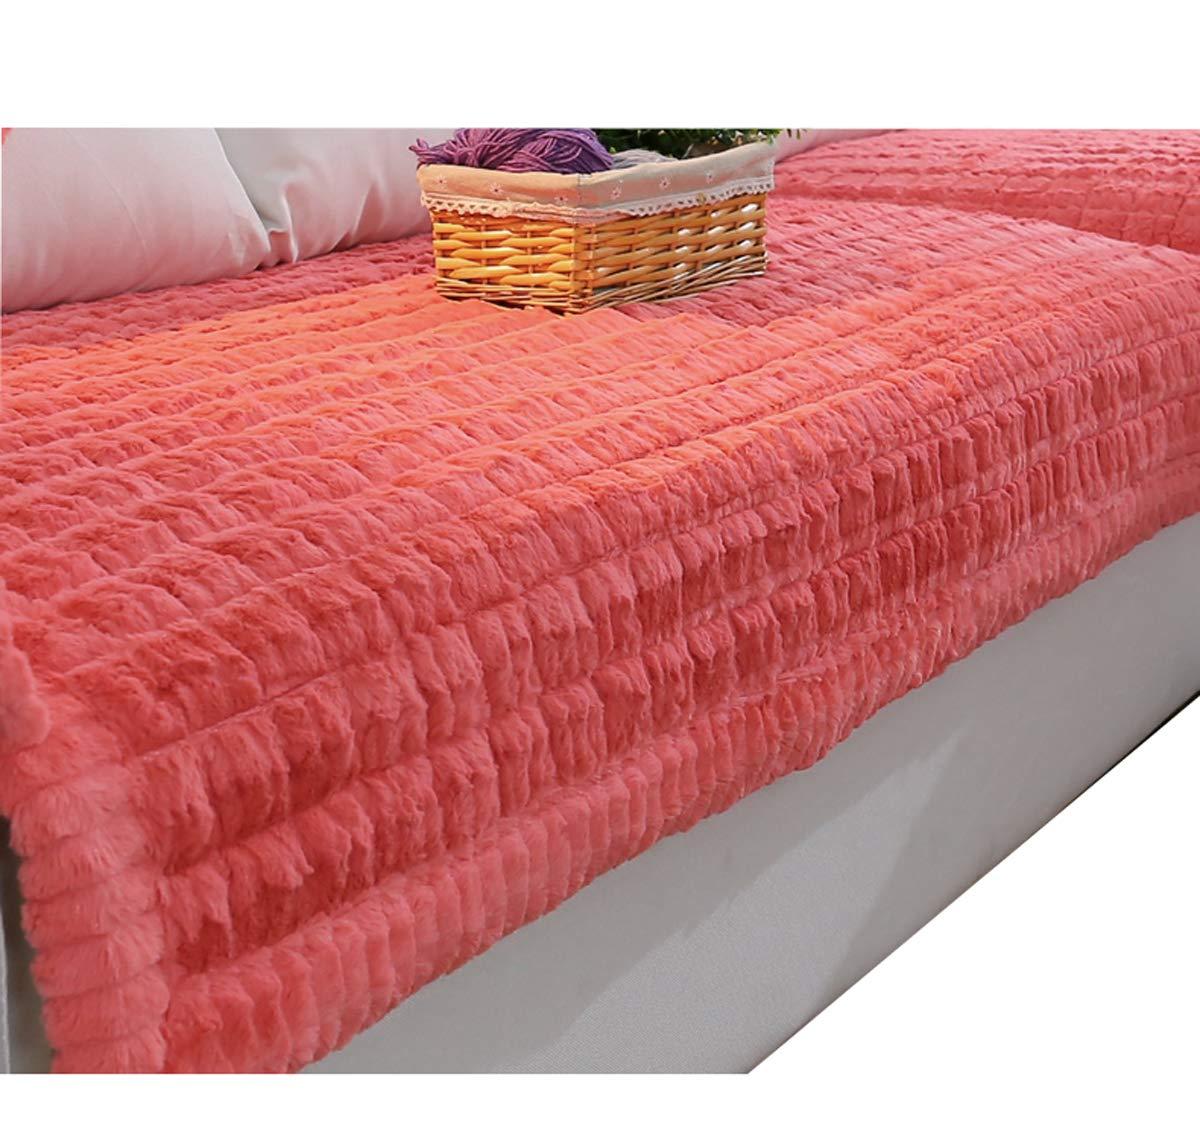 DFamily Felpa Funda Cubre sofá Protector de sofá Muebles Invierno,Espesar,Máquina de washble Protector de los Muebles-Rosado 90x120cm(35x47inch)(1 Pieza)